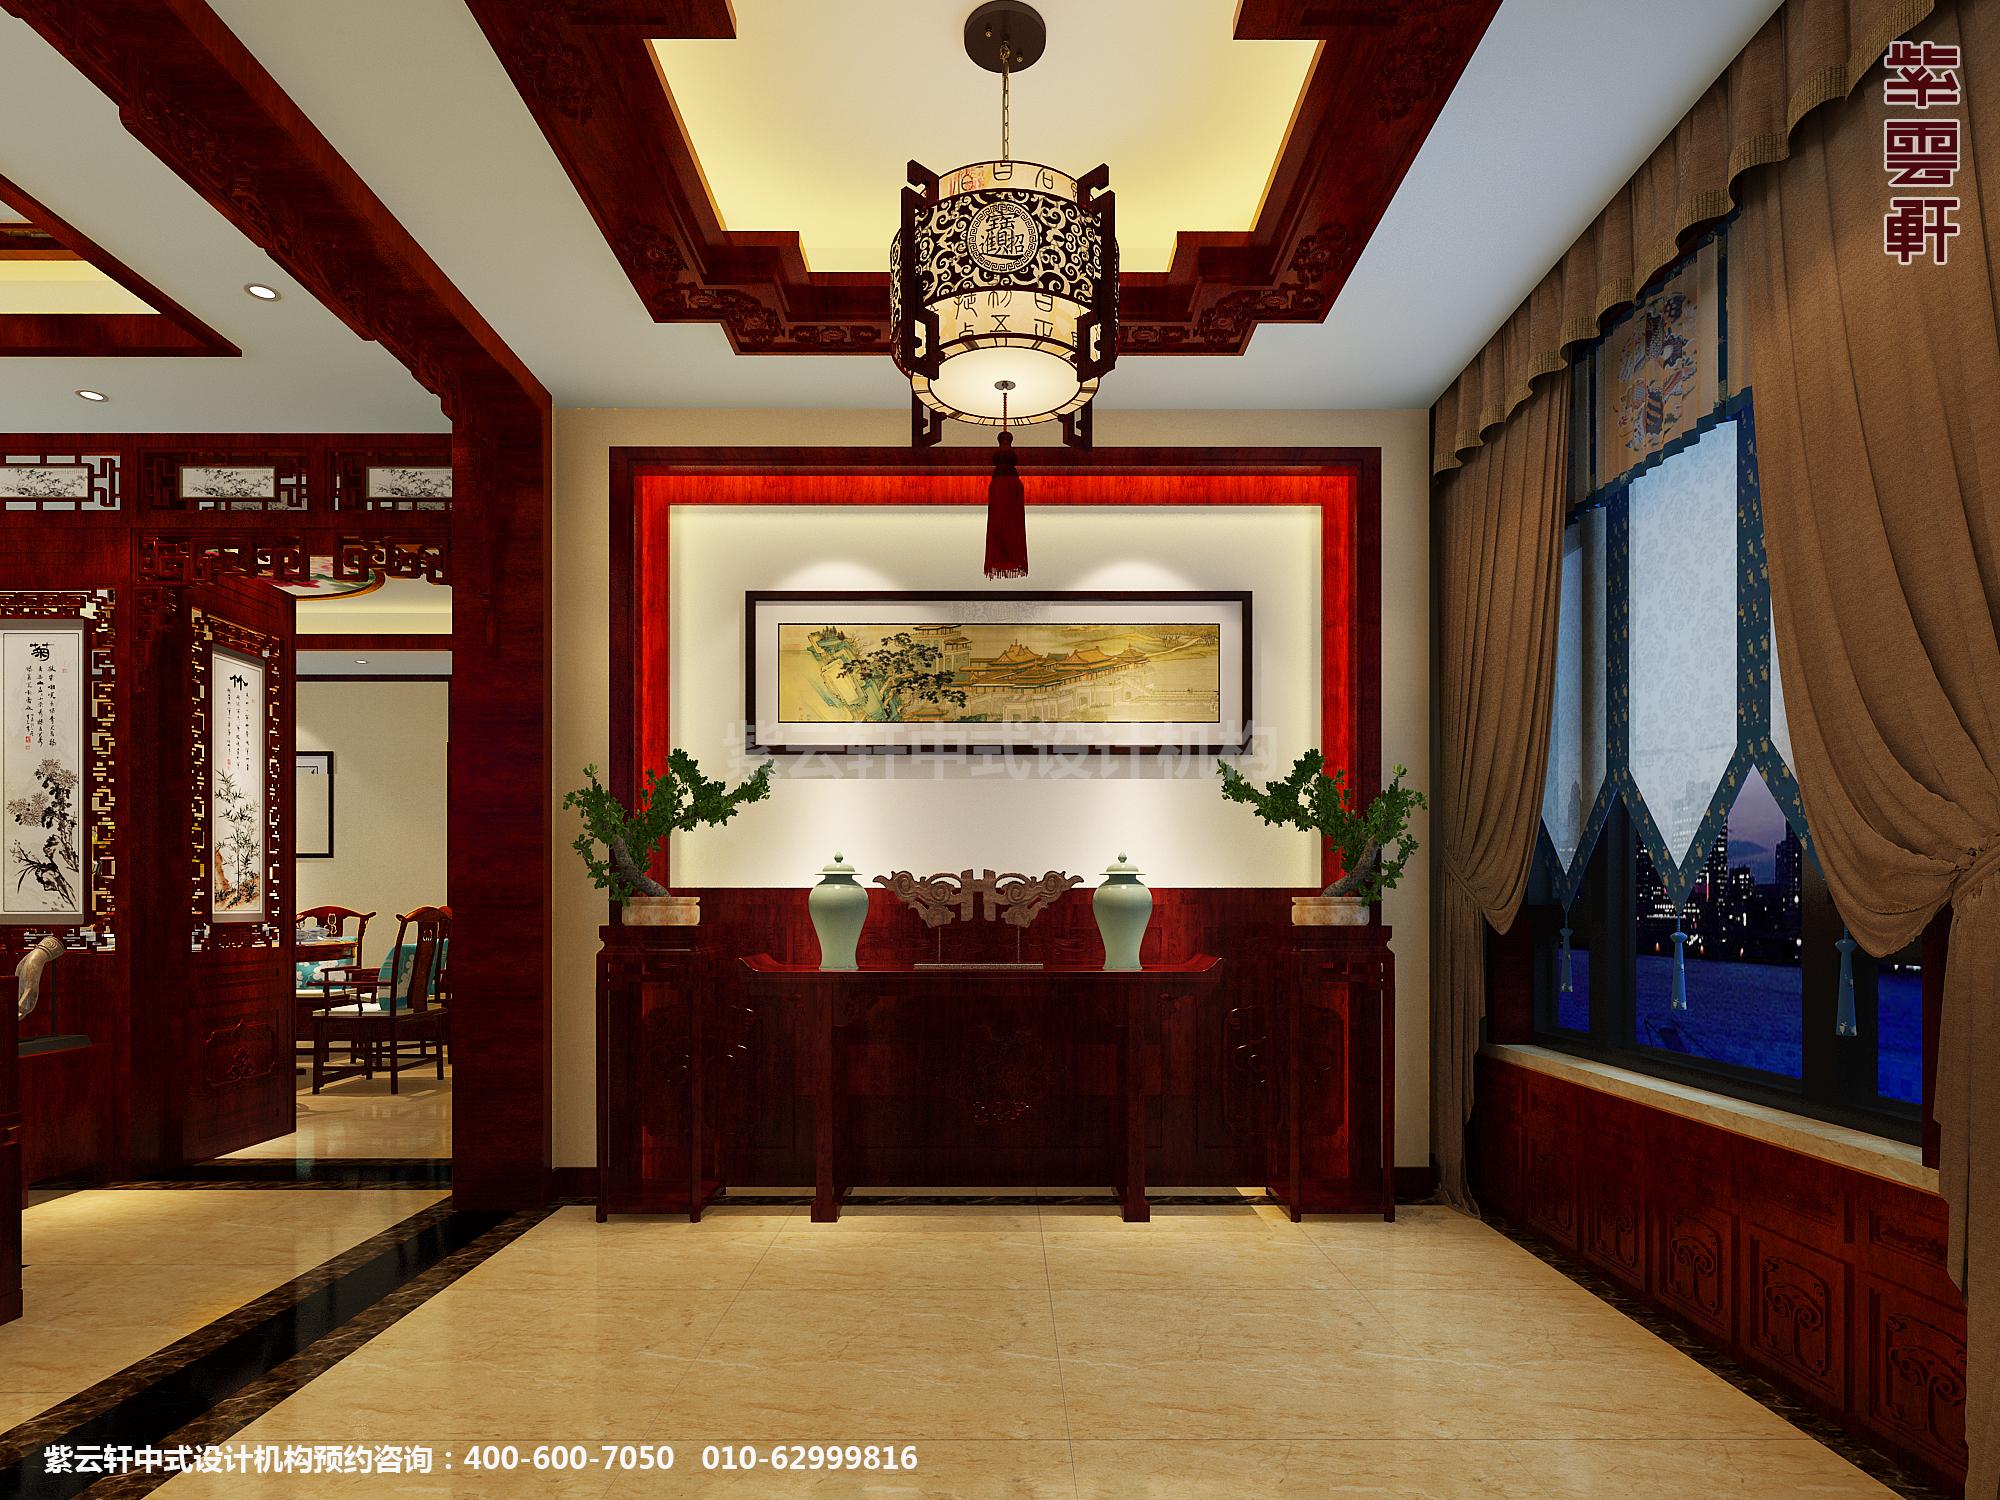 蓟县恒大别墅楼王现代中式设计案例,门厅中式装修效果